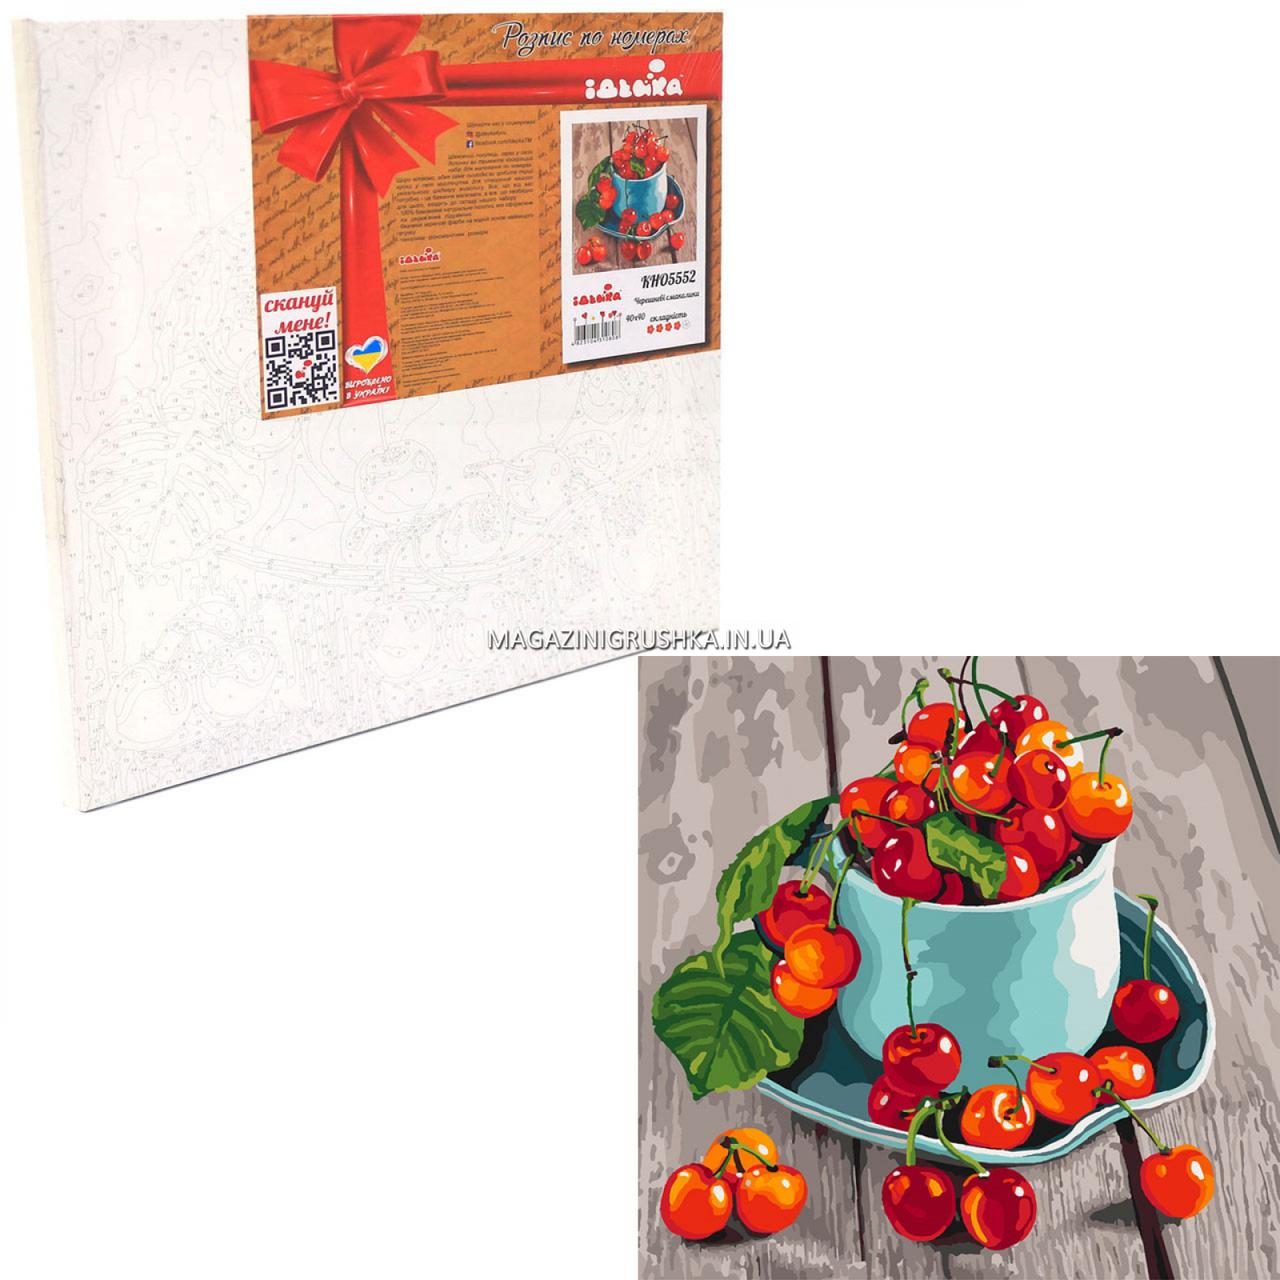 Картина по номерам Идейка «Черешневые вкусности» 40x40 см (КНО5552)